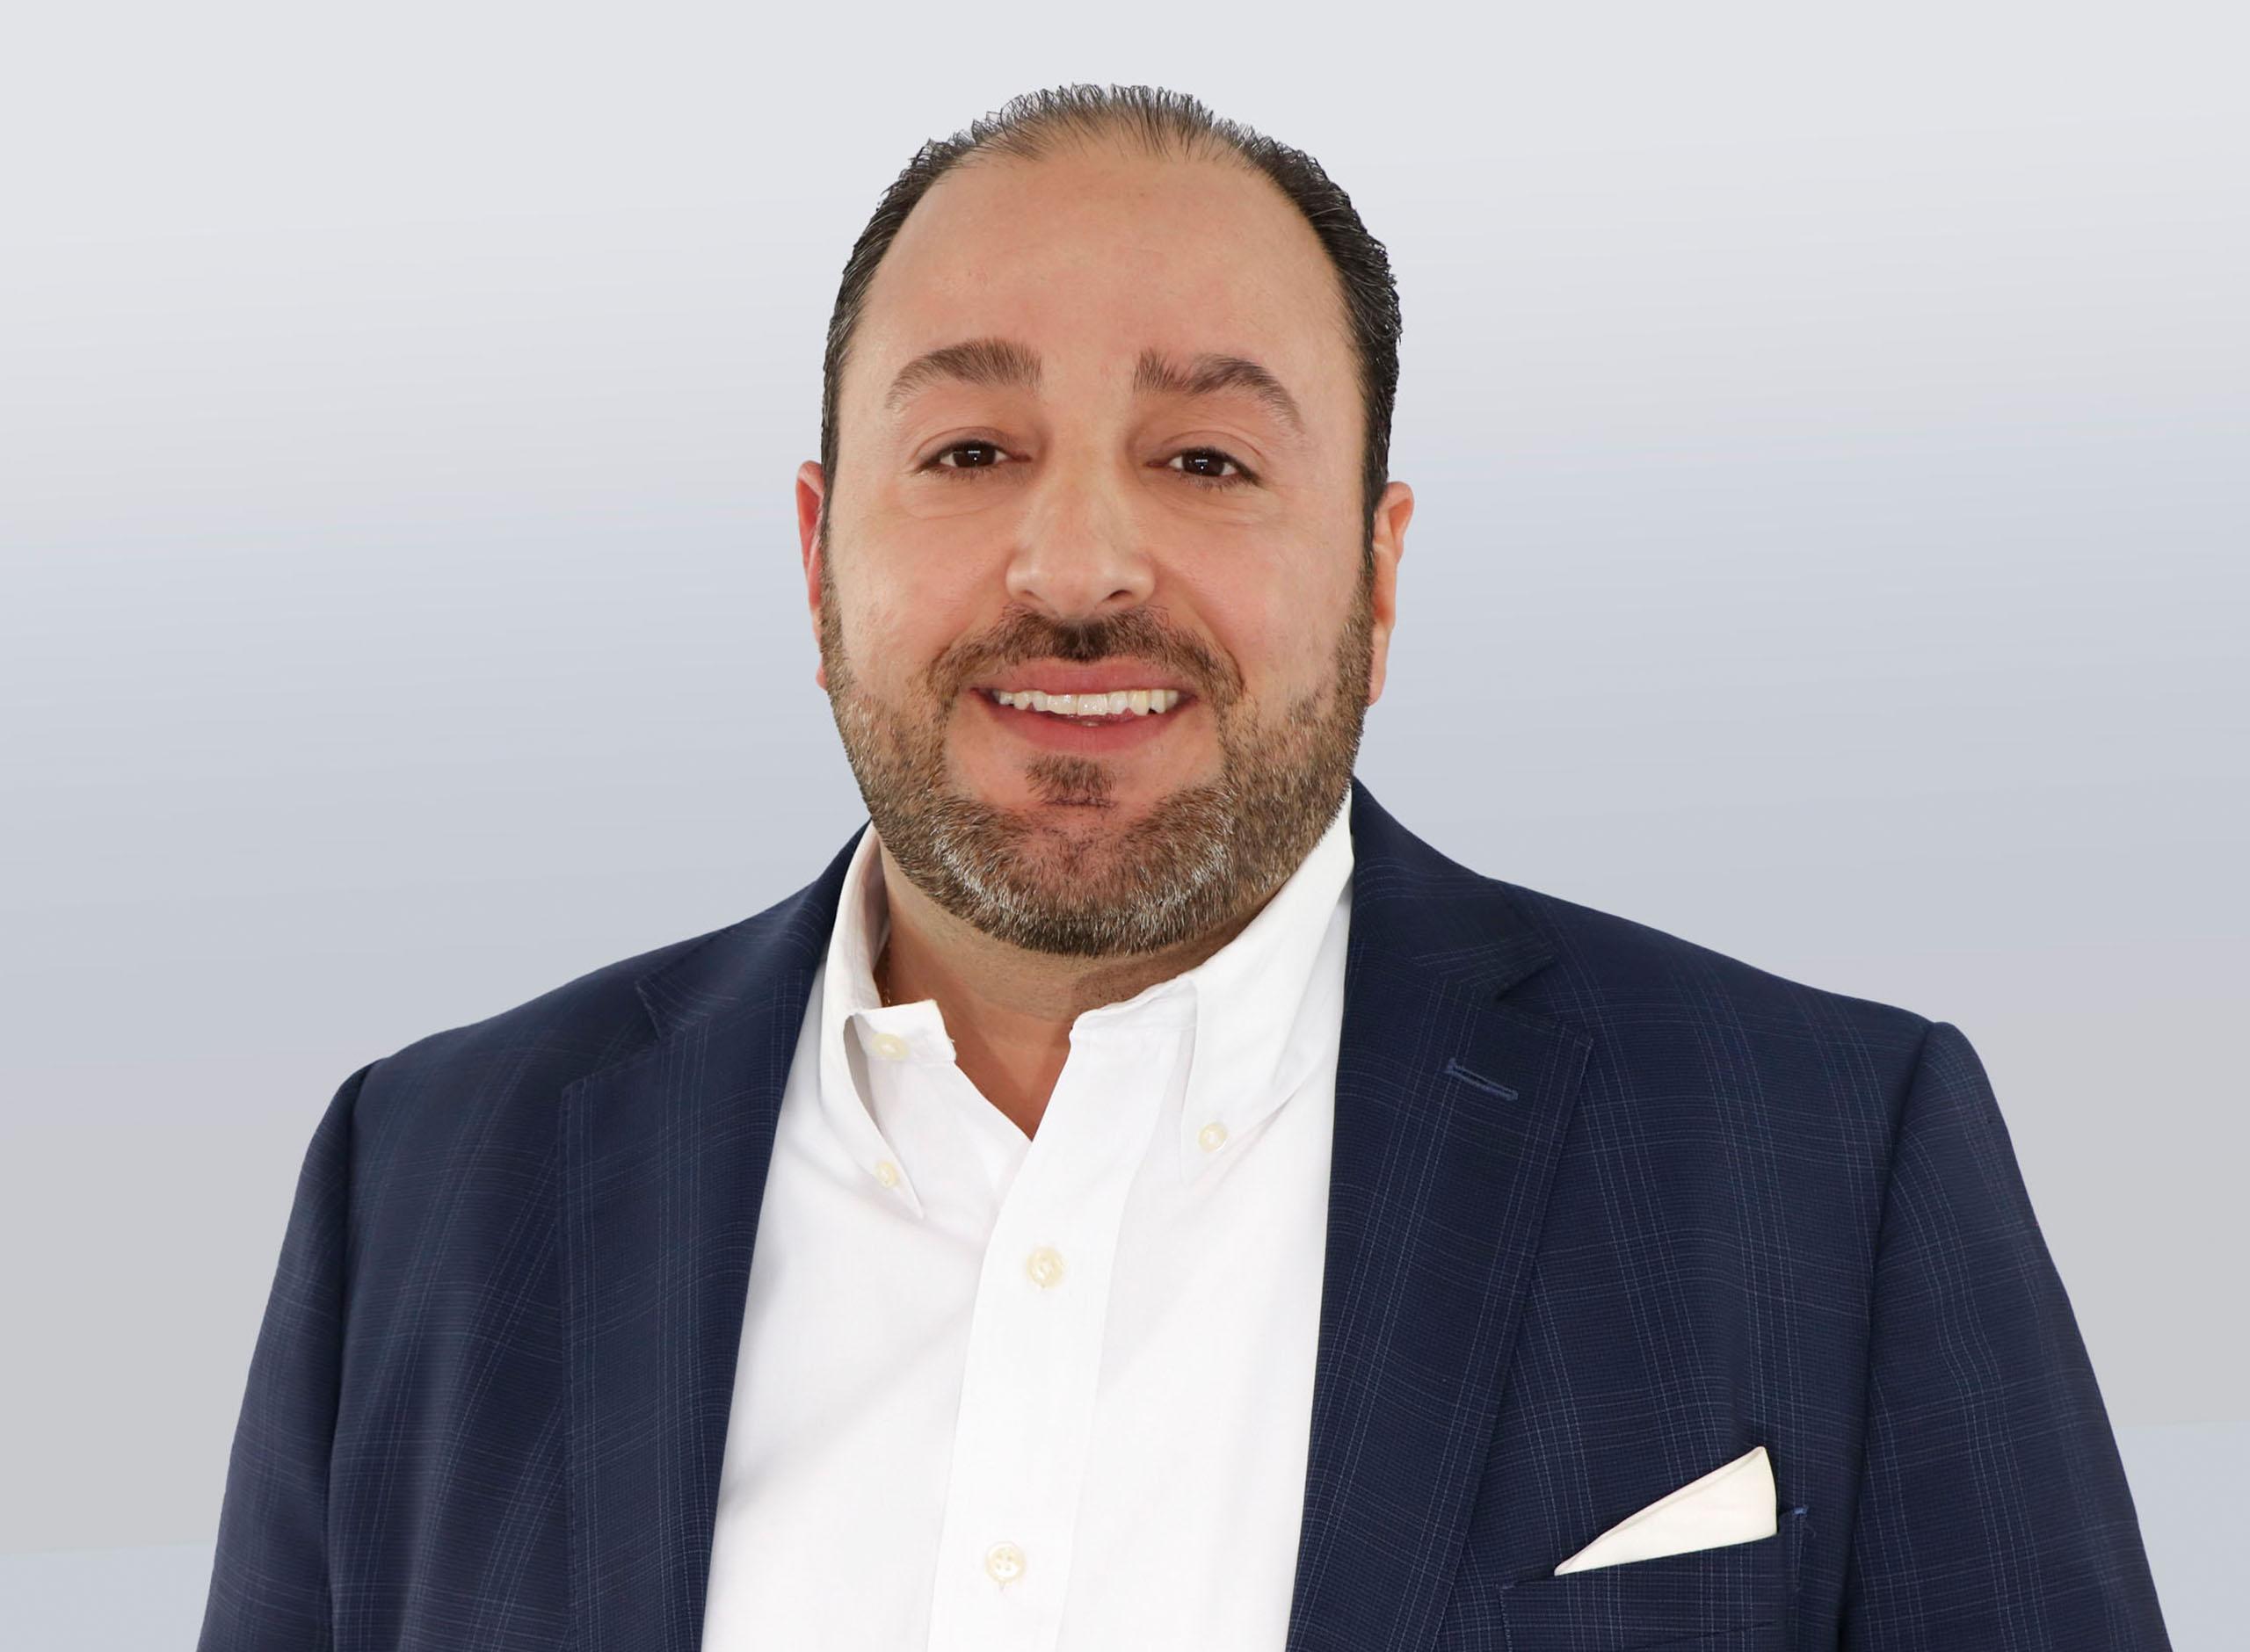 Salvatore Fazzolari